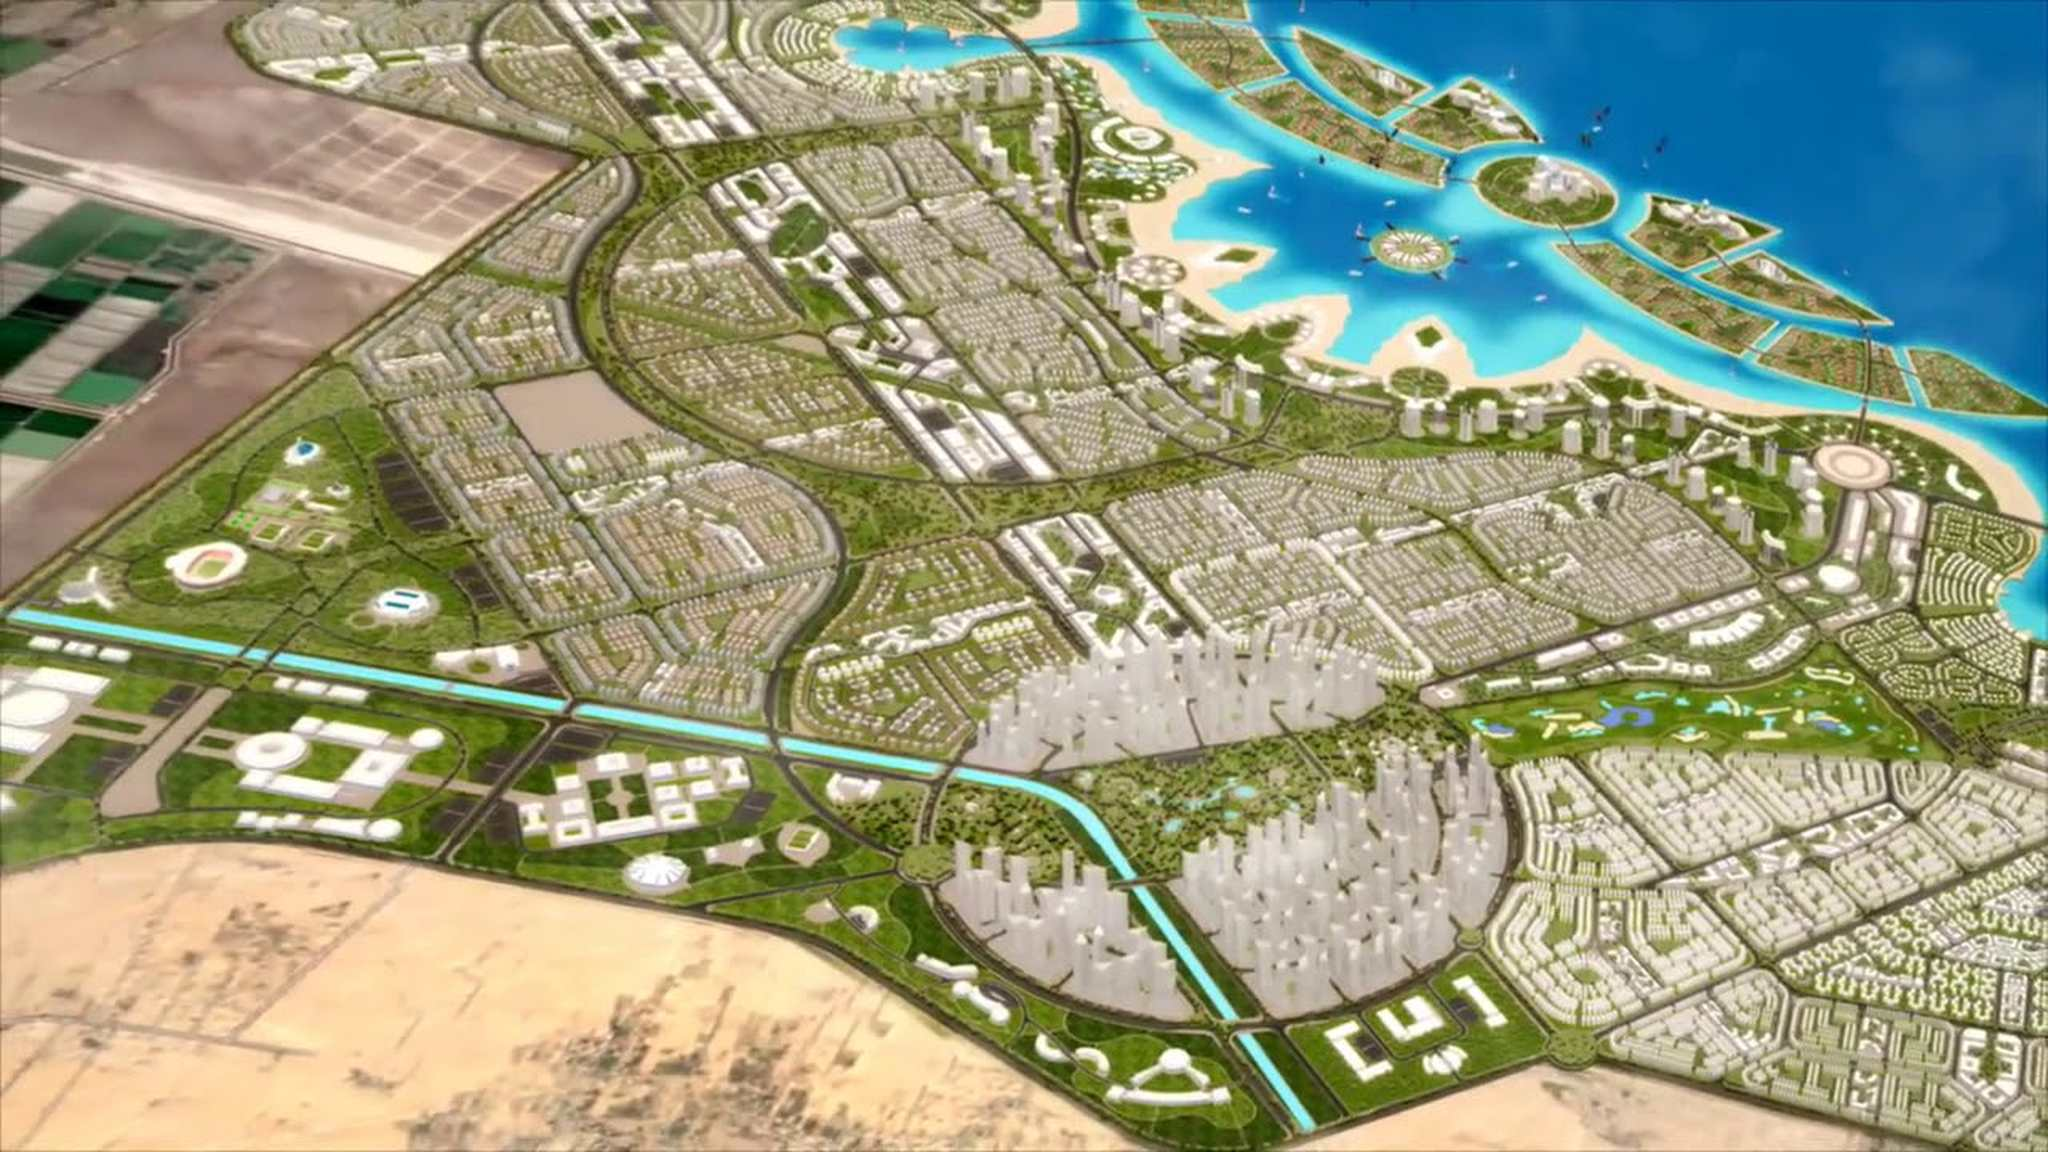 المدن الذكية بمصر - مدينة بورسعيد الجديدة